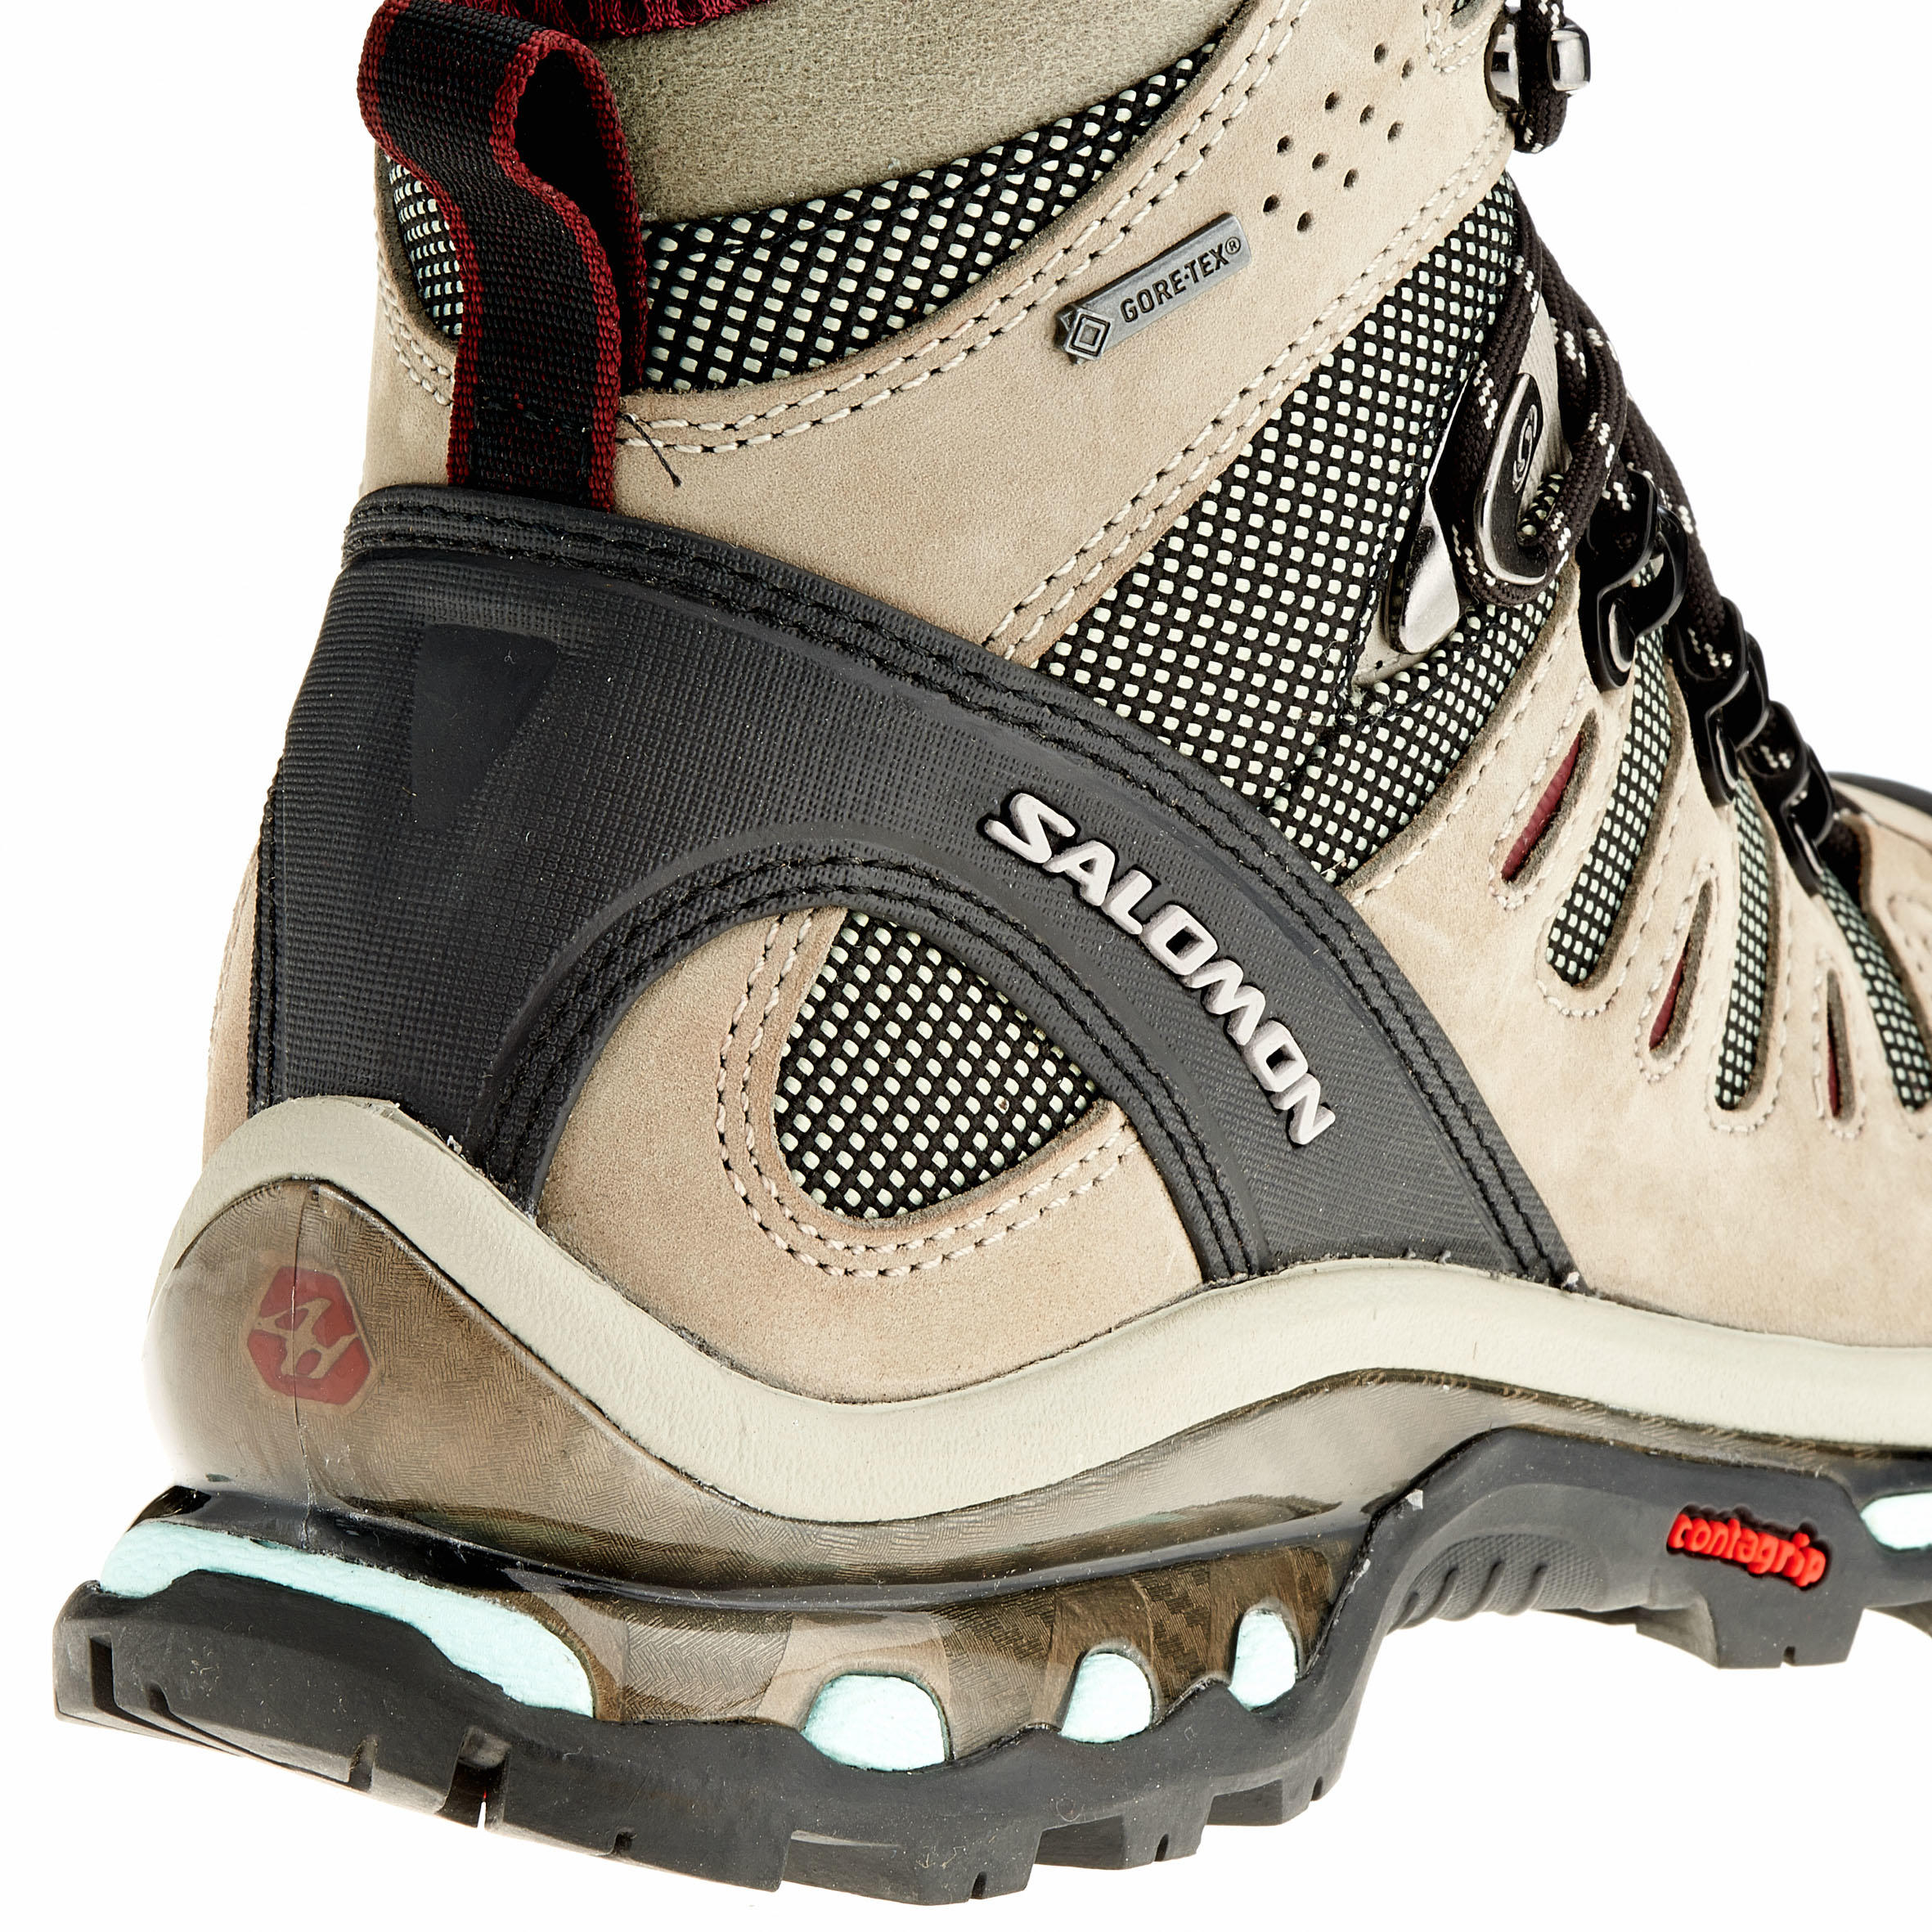 Tex Gore 4d Quest De Chaussures Tige Salomon Randonnée Haute Femme D2YH9IWE